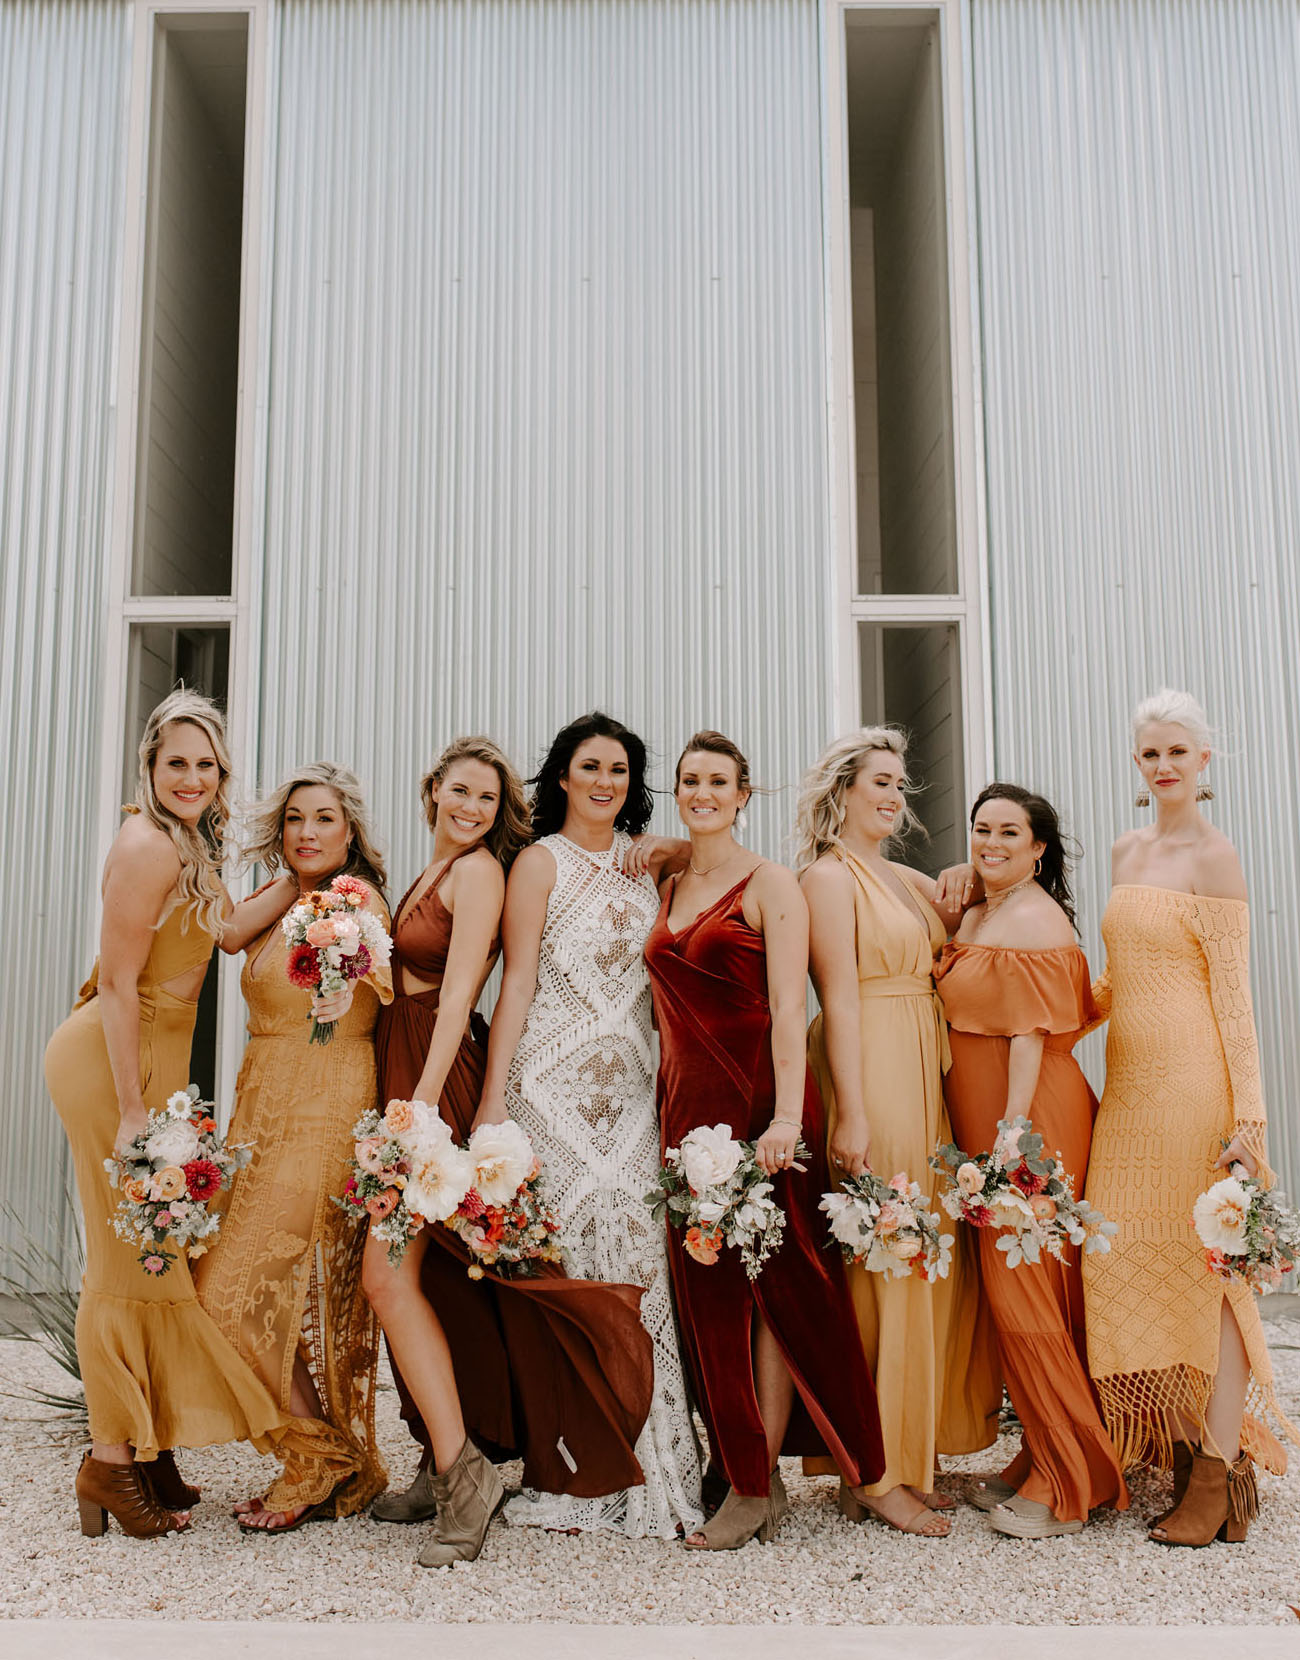 sunset tone bridesmaids